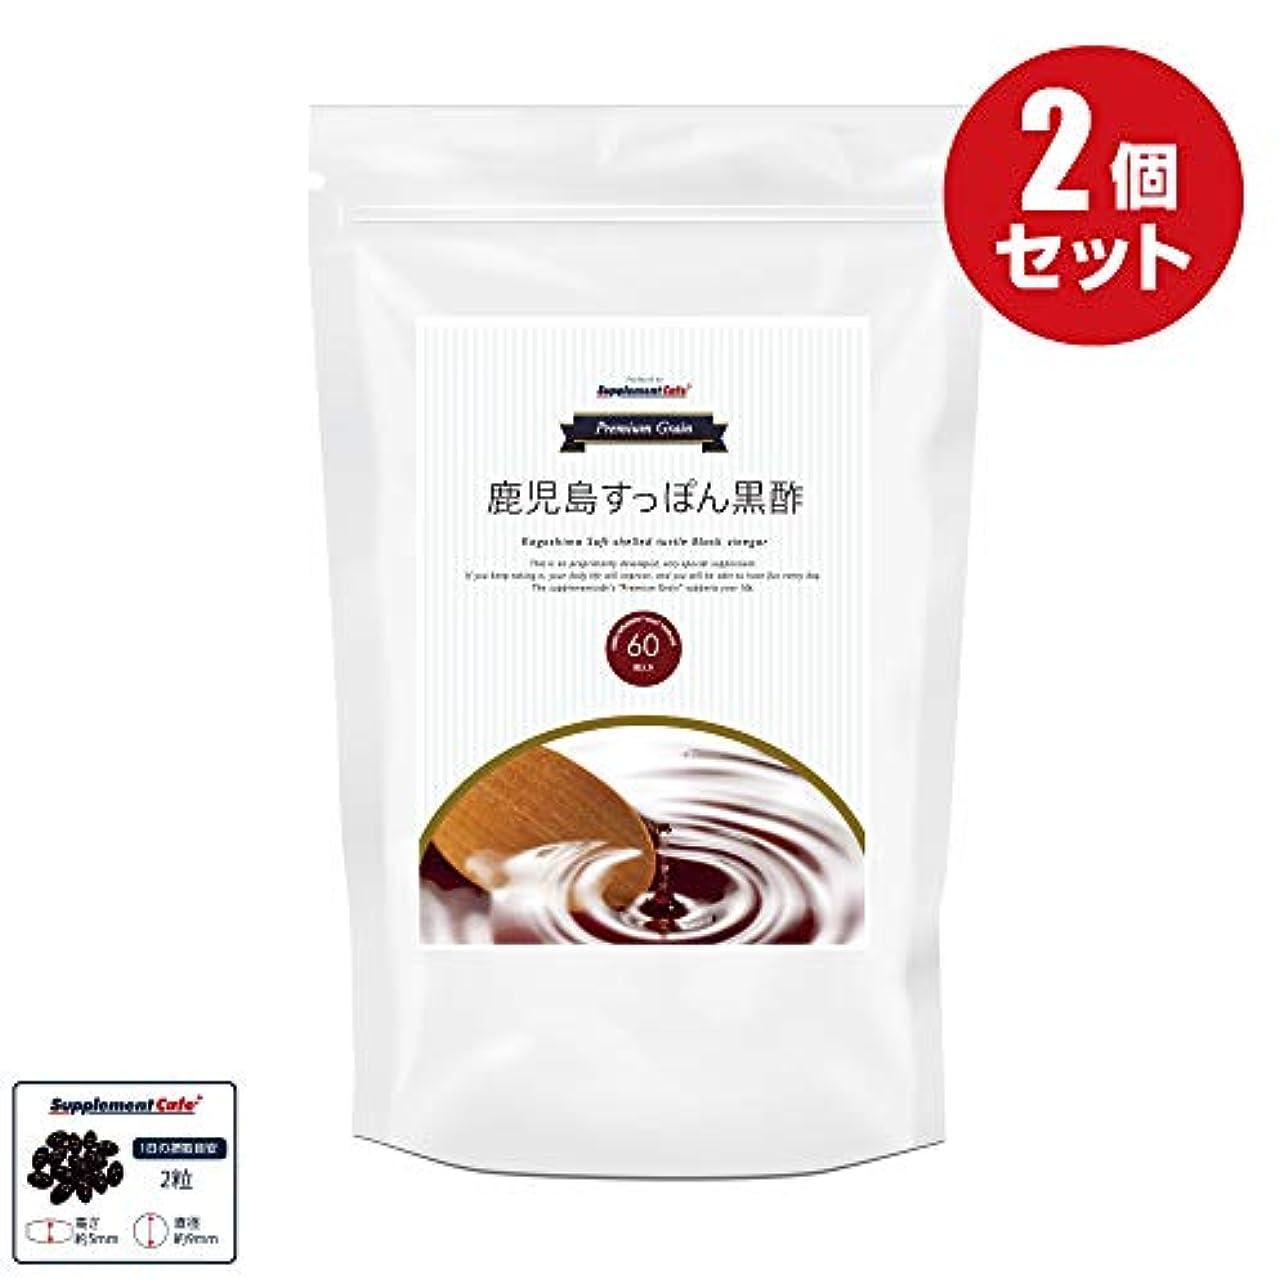 計り知れない太い結果【2袋セット】Premium Grain 鹿児島すっぽん黒酢/すっぽん黒酢/福山産  約60日分